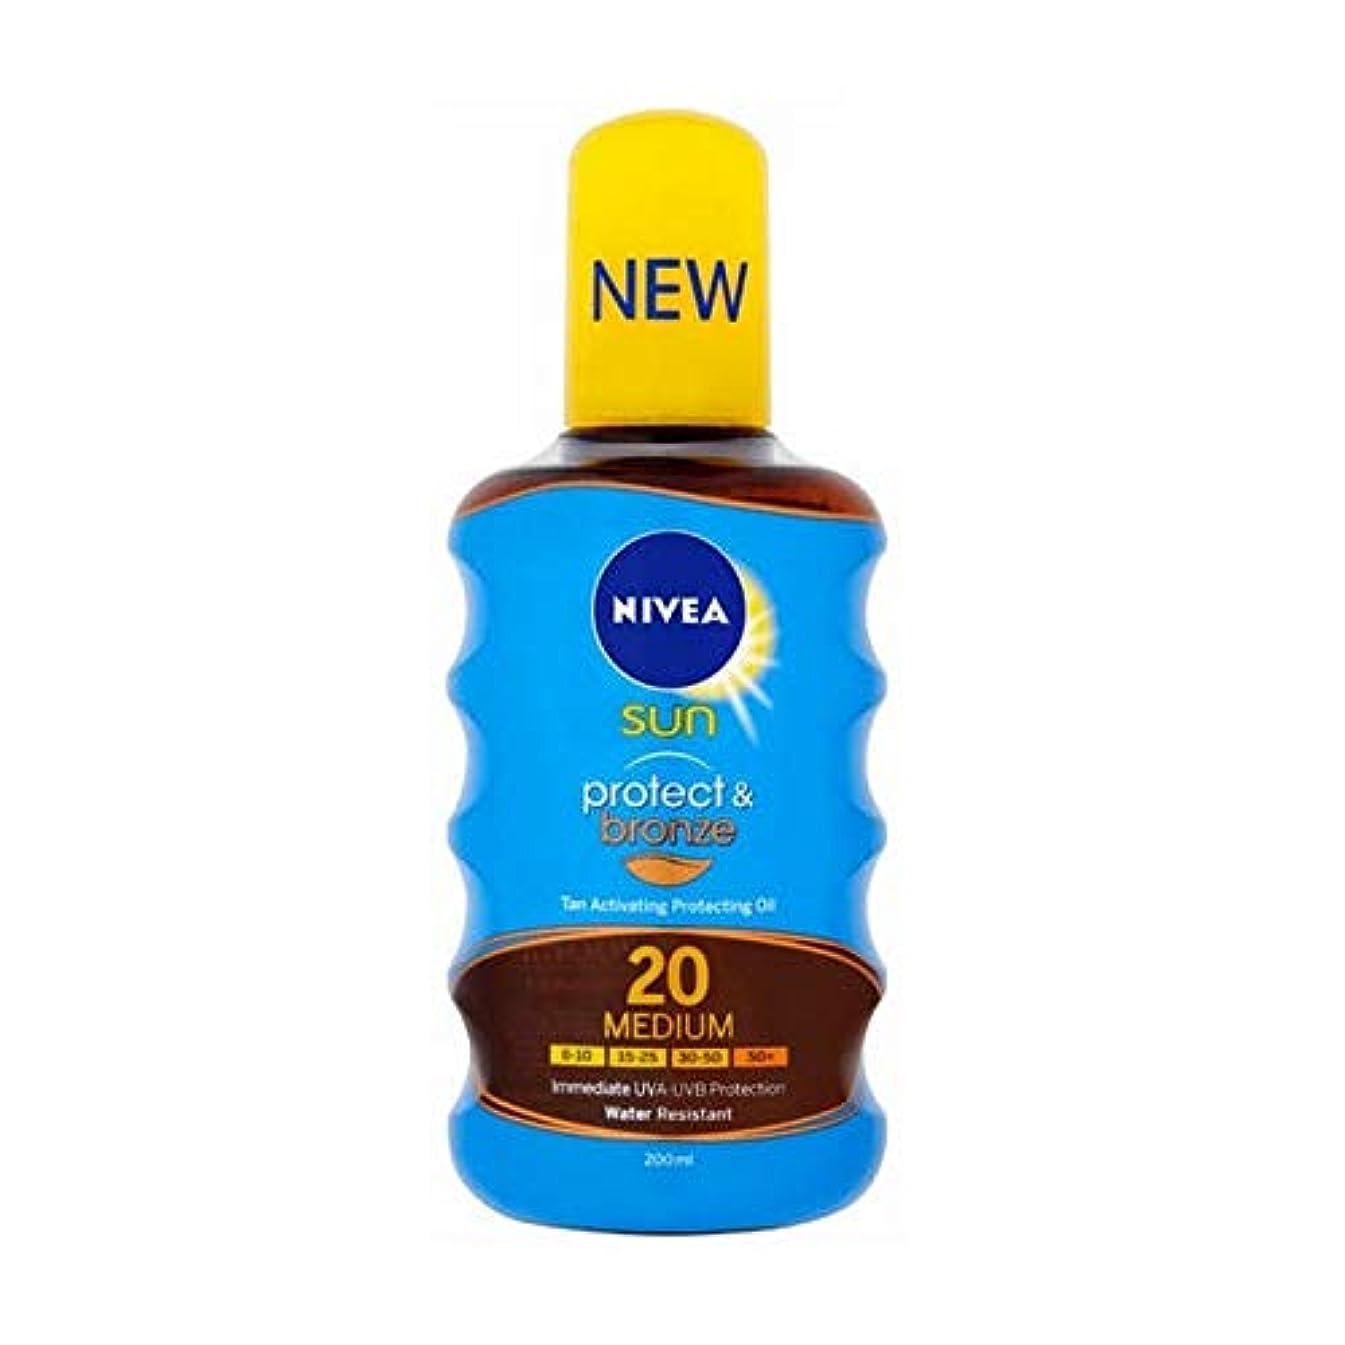 背が高い大気ウナギ[Nivea ] ニベア日焼けオイルSpf20プロテクト&ブロンズ200ミリリットル活性化 - NIVEA SUN Tan Activating Oil SPF20 Protect&Bronze 200ml [並行輸入品]